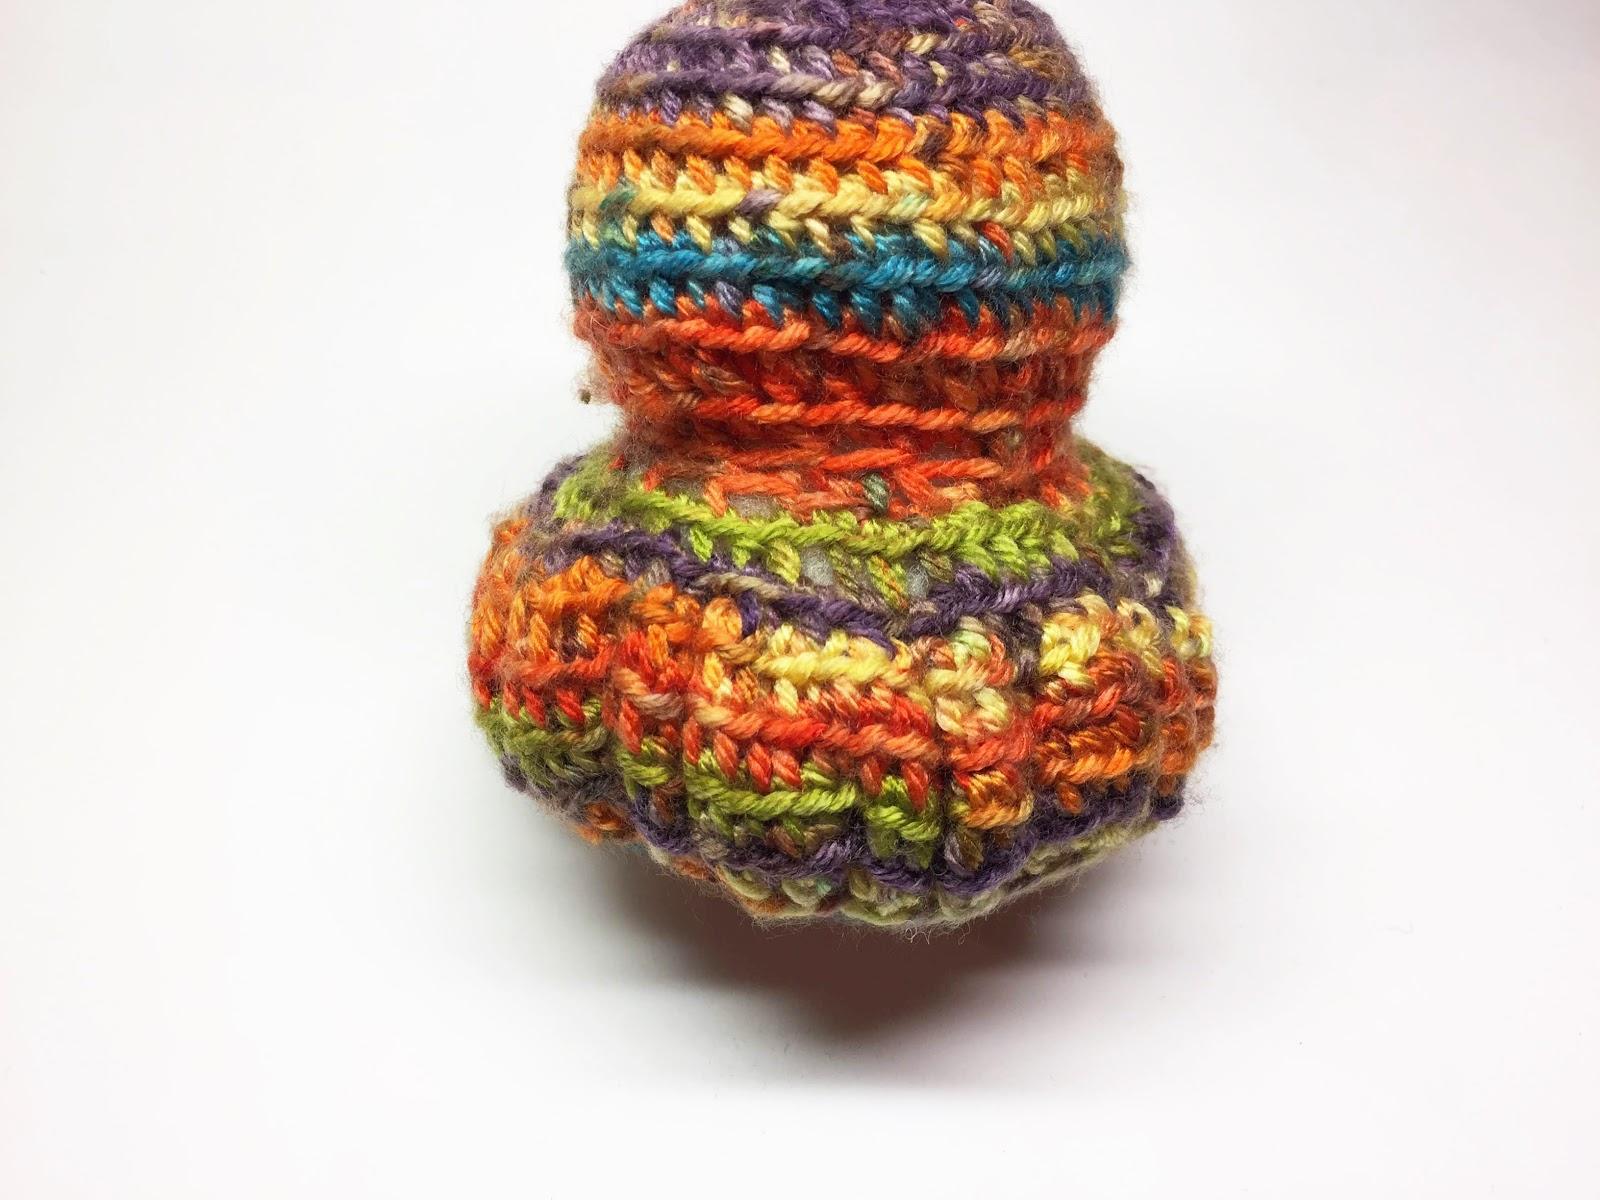 試作段階で編み目を増やしすぎたために発生した「ひだ」 ©noiz